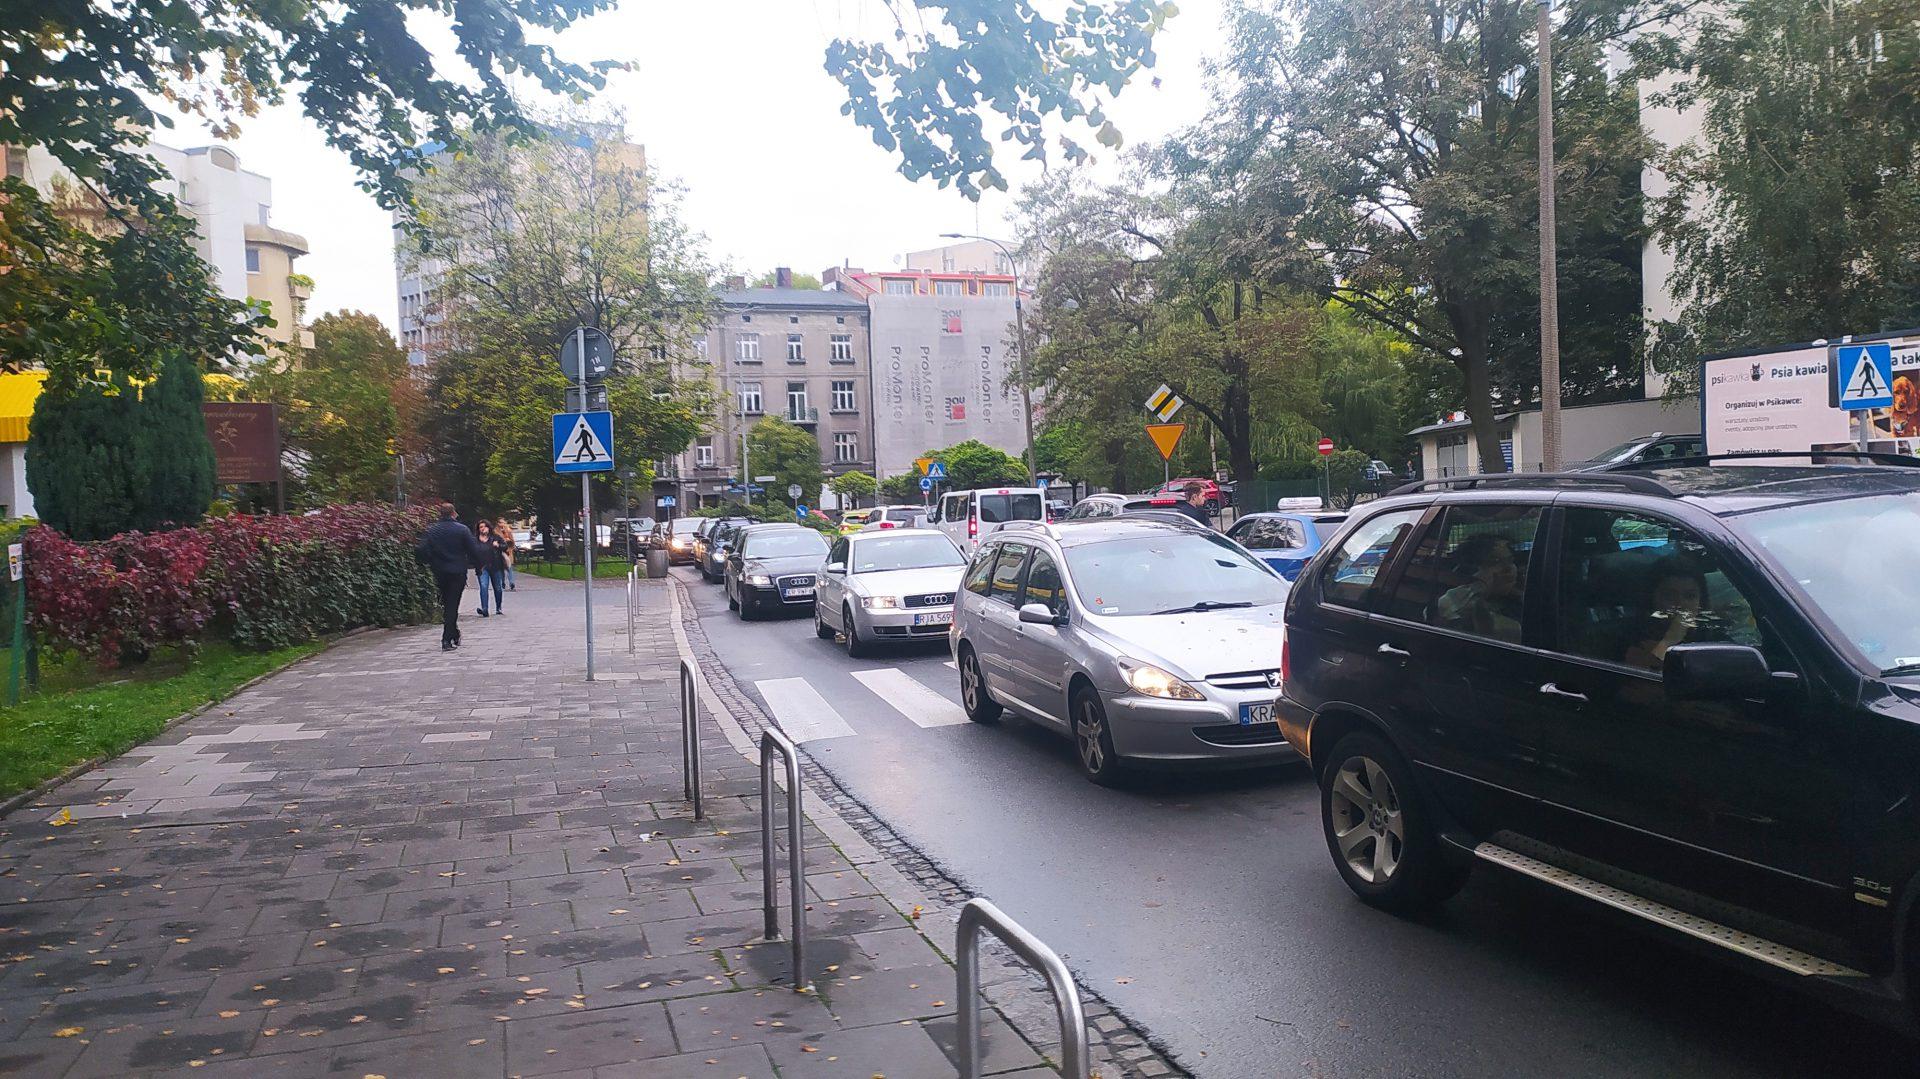 Korki to aktualnie jeden z najgorętszych tematów w Krakowie.